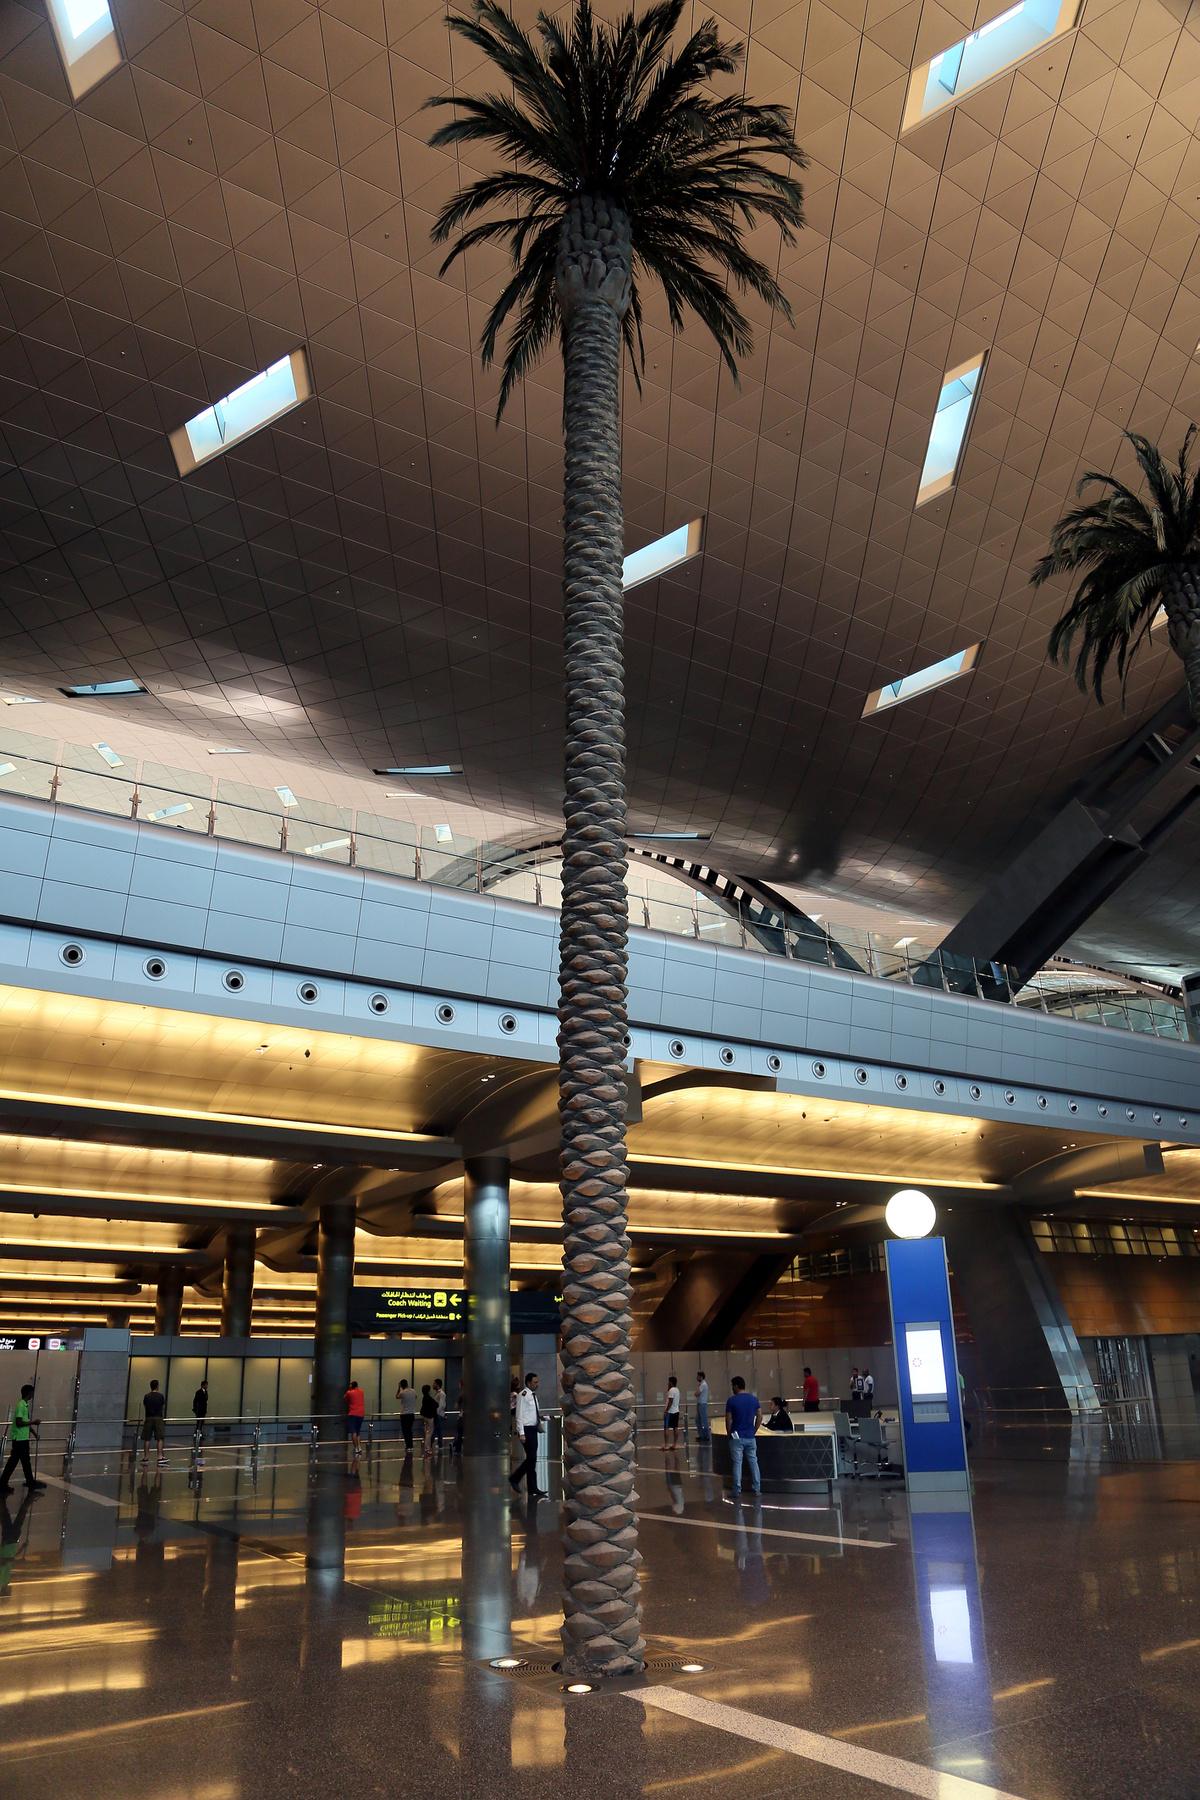 A világ egyik legjelentősebb nemzetközi tranzit-csomópontján két terminál felel a személyforgalomért. Az egyest a Lufthansa és annak partner légitársaságai használják, a kettes terminál pedig más társaságok gépeit fogadja.